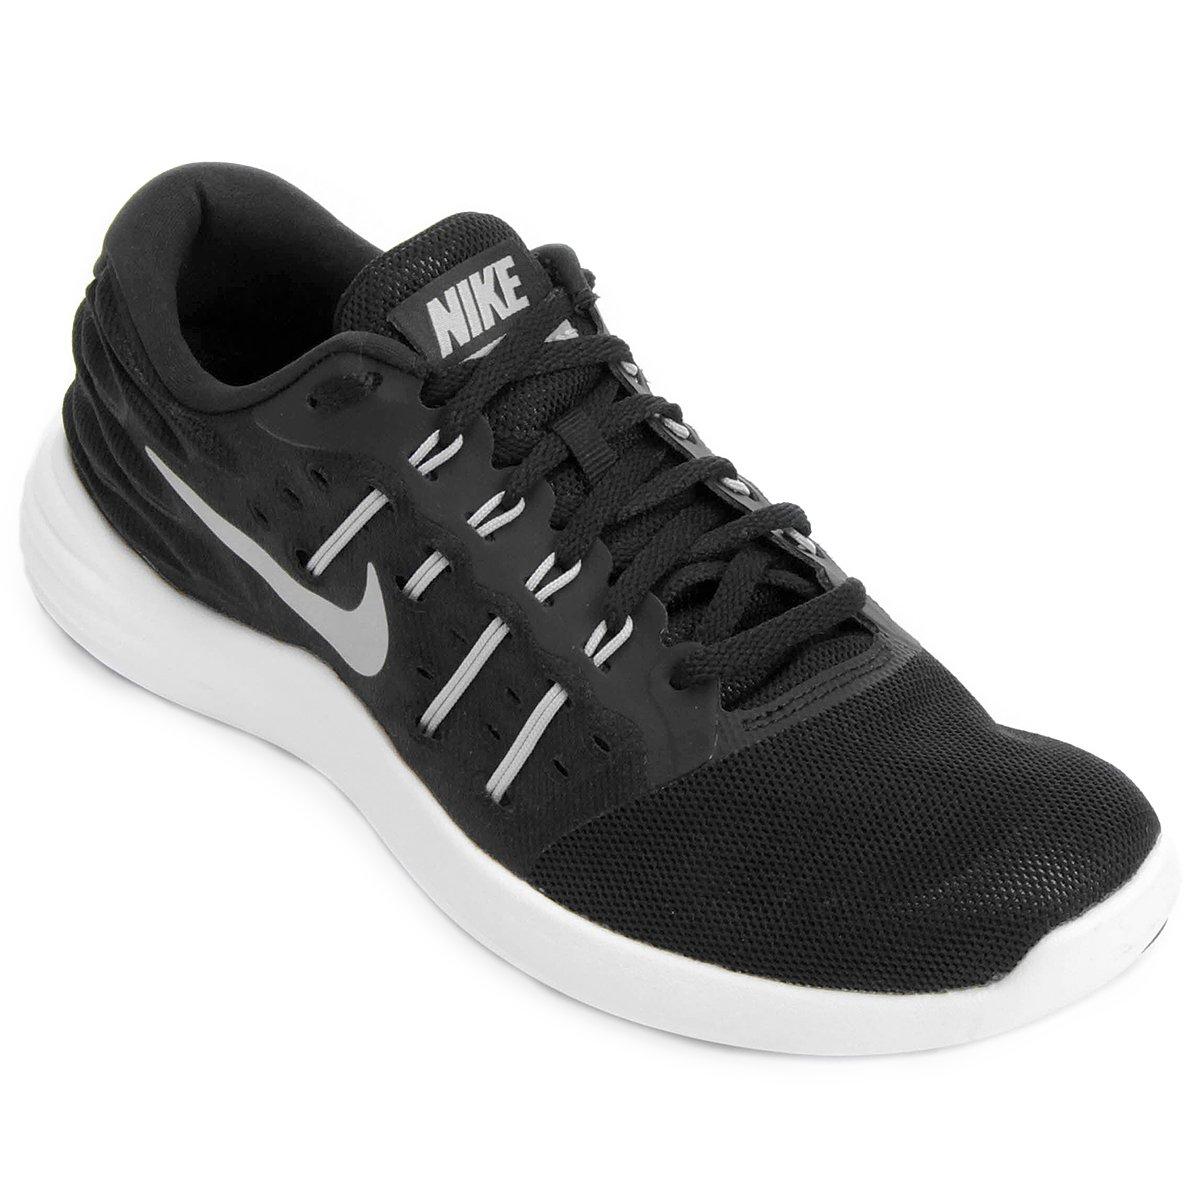 c1de4696b00 Tênis Nike Lunar Stelos Masculino - Compre Agora